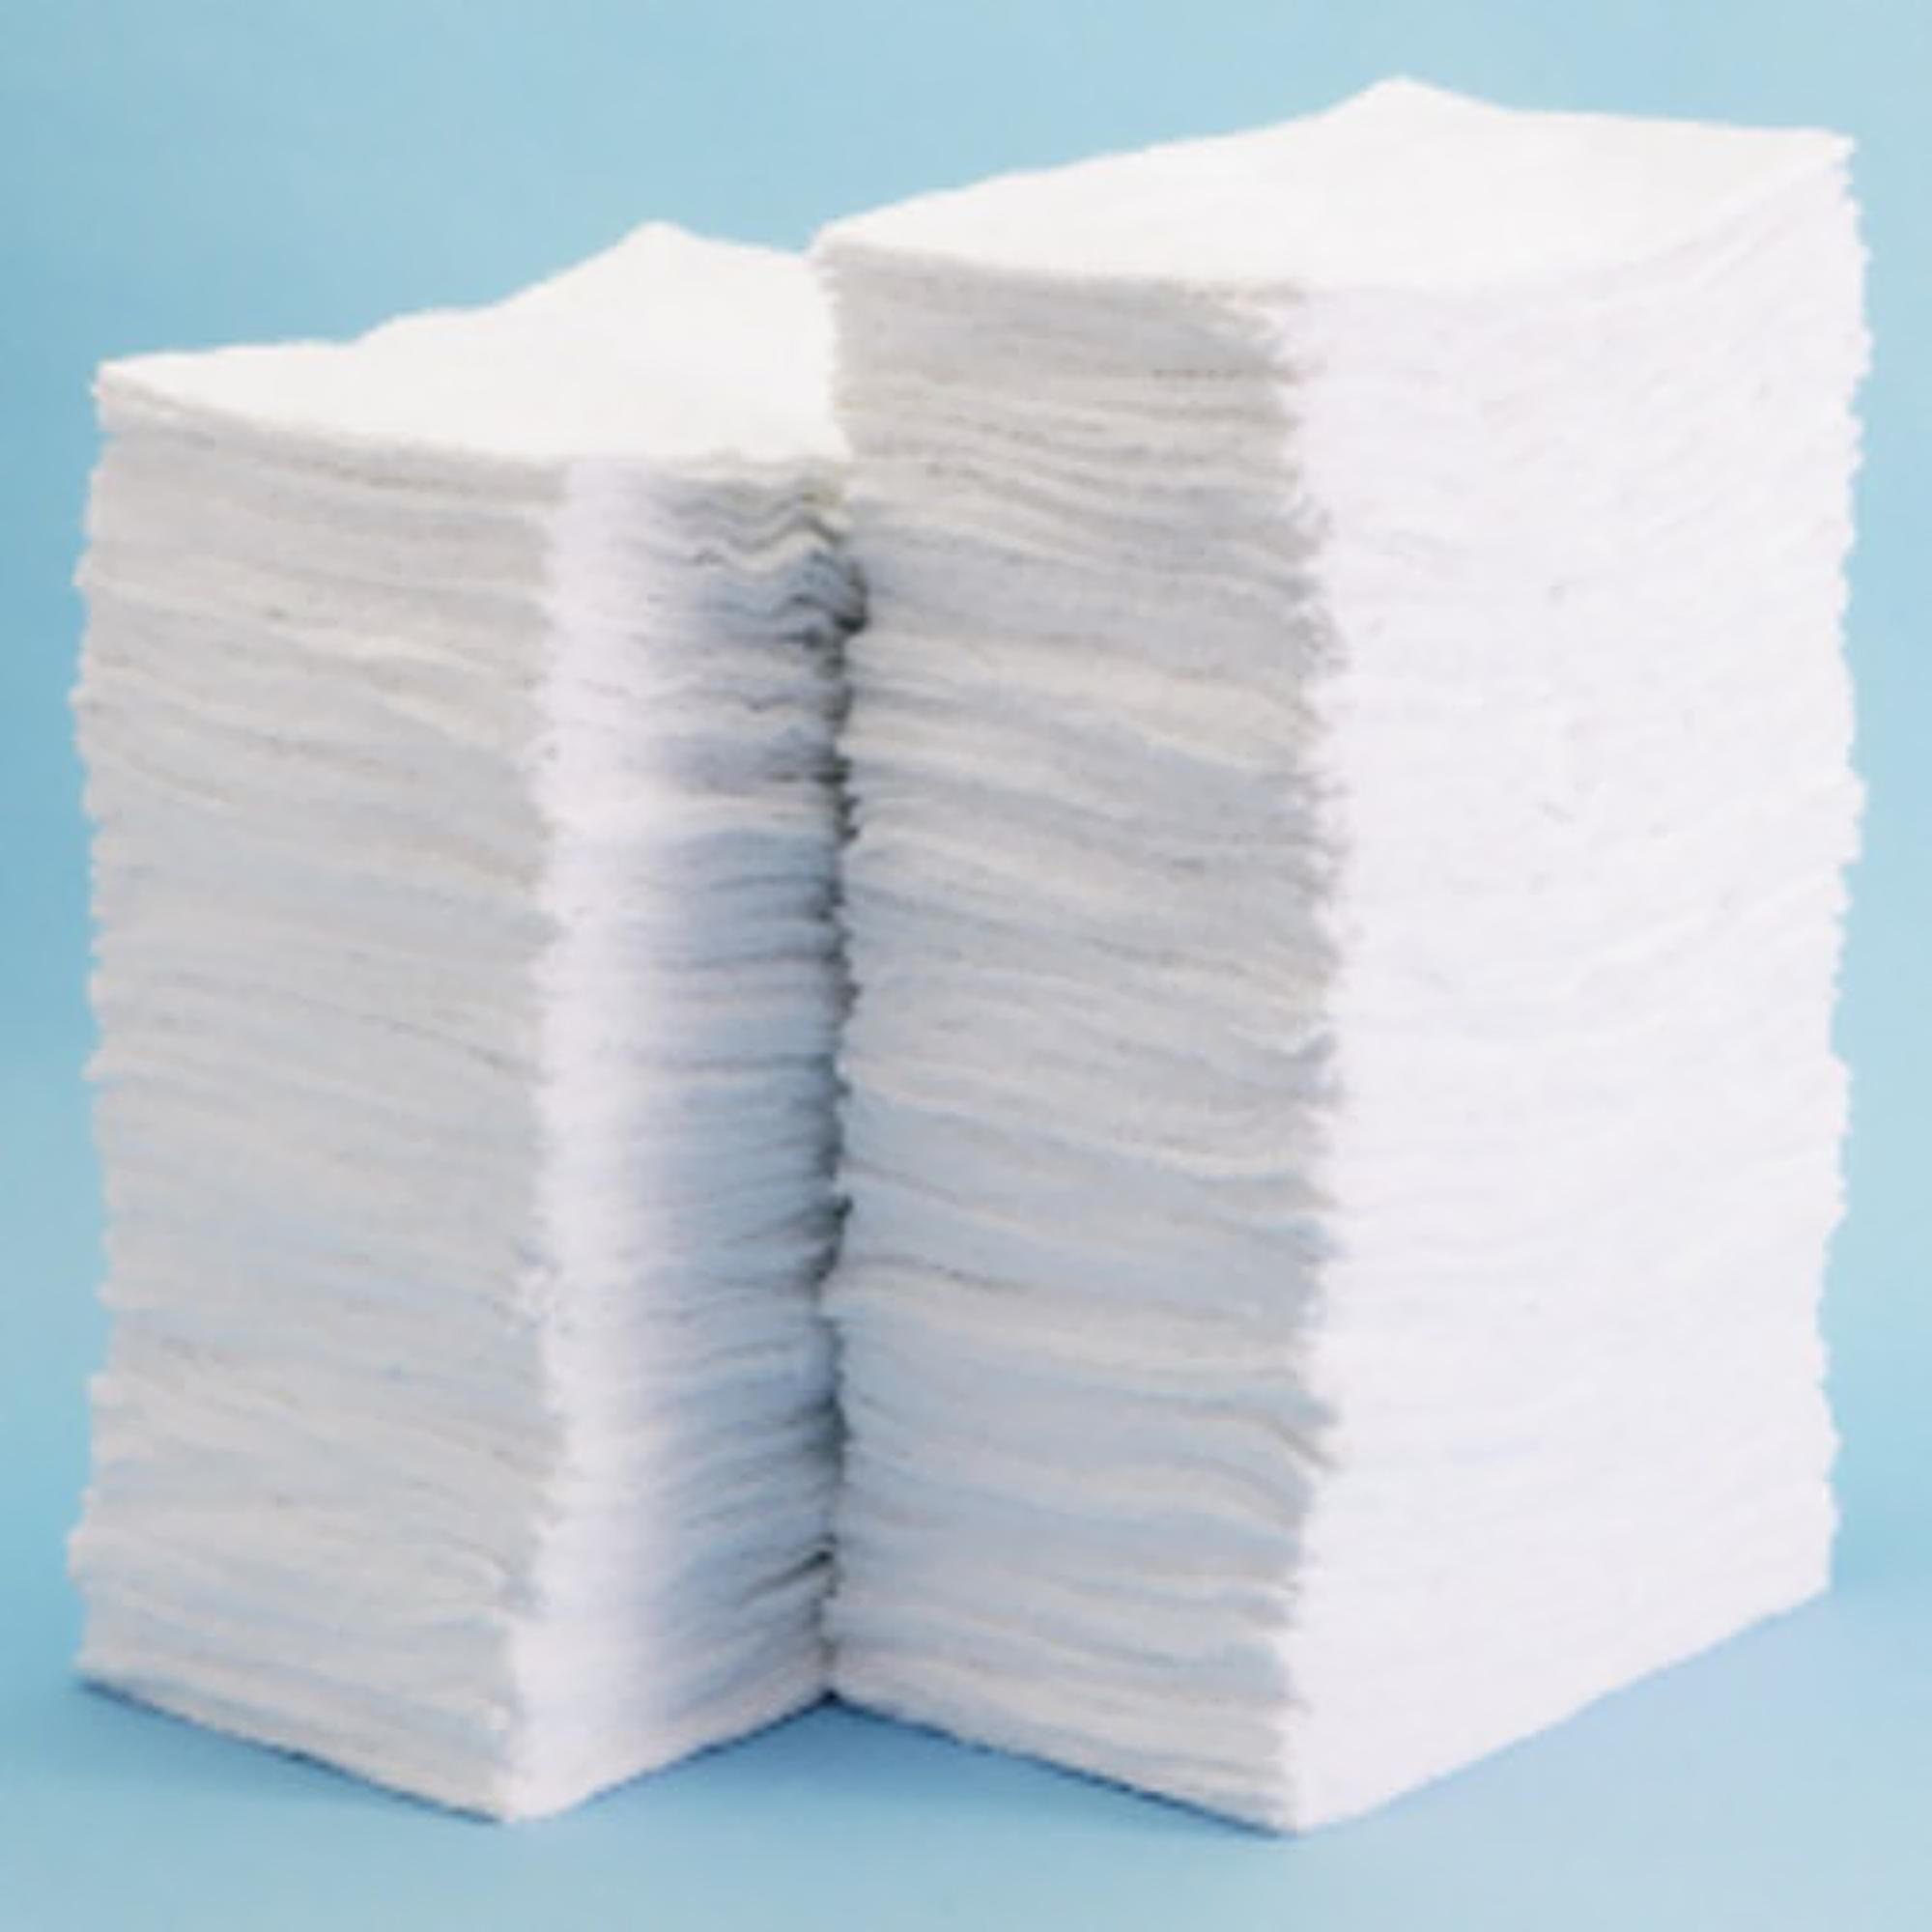 GRATES(グラテス) 雑巾 50枚パック